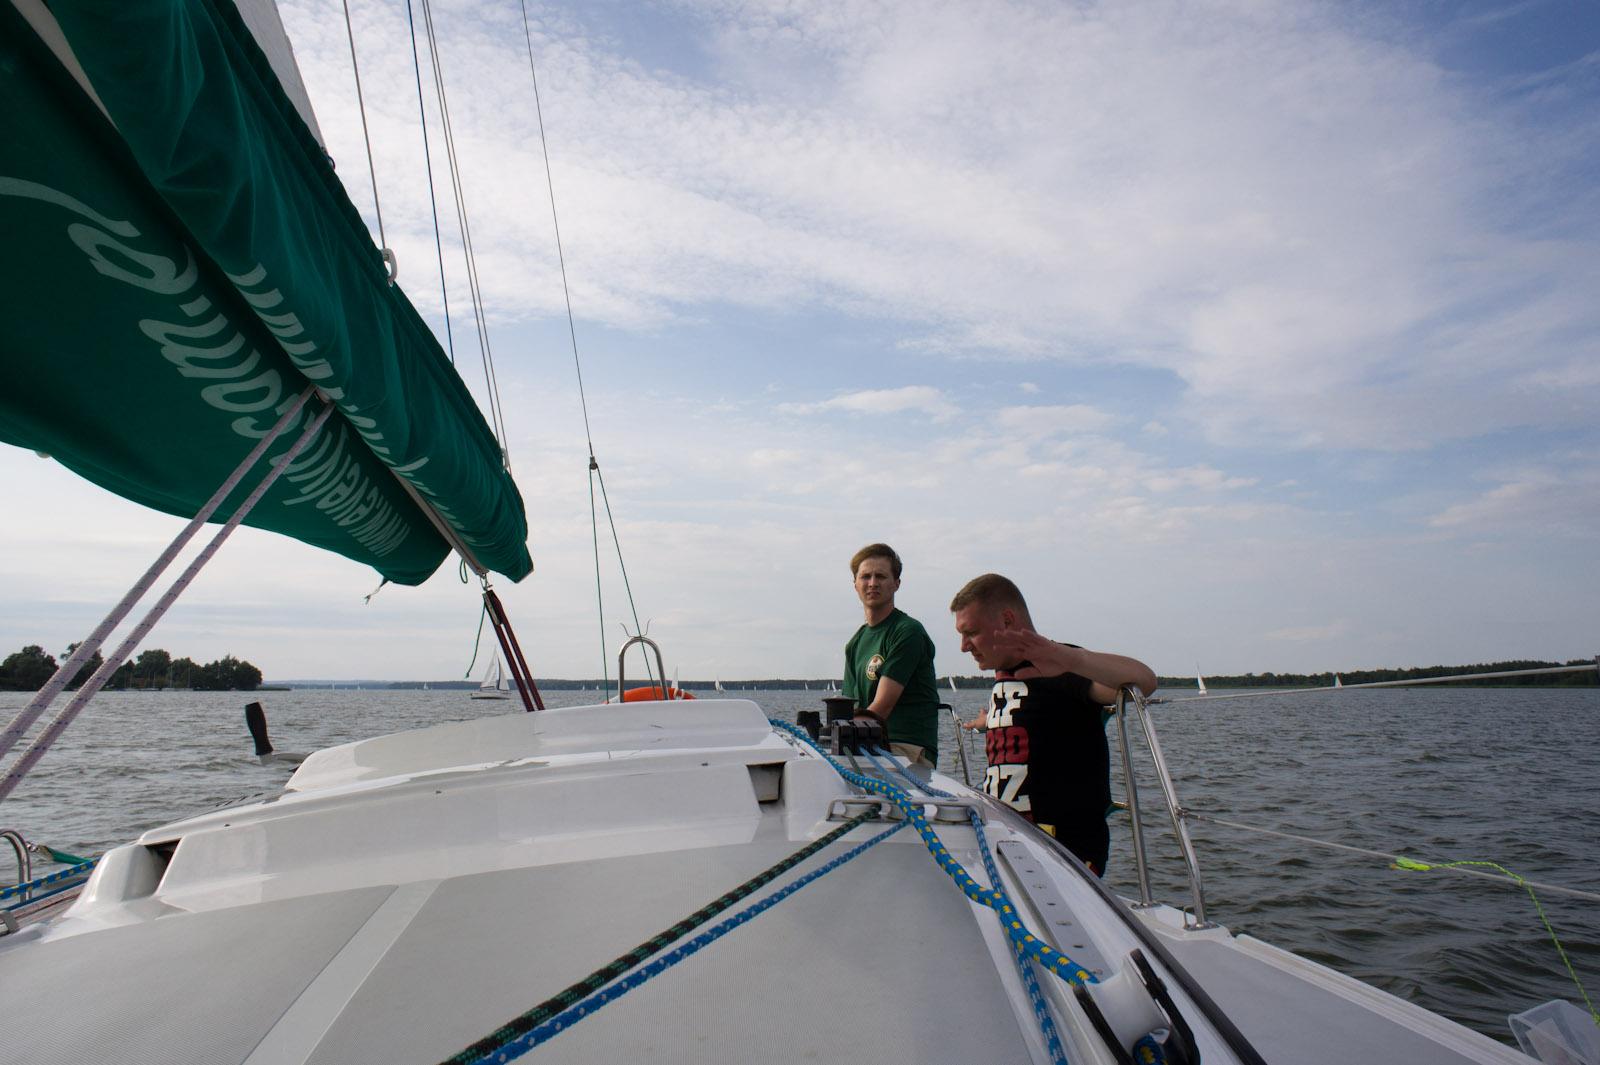 Bronek en łukasz op Tałty meer, Mazurië, Polen